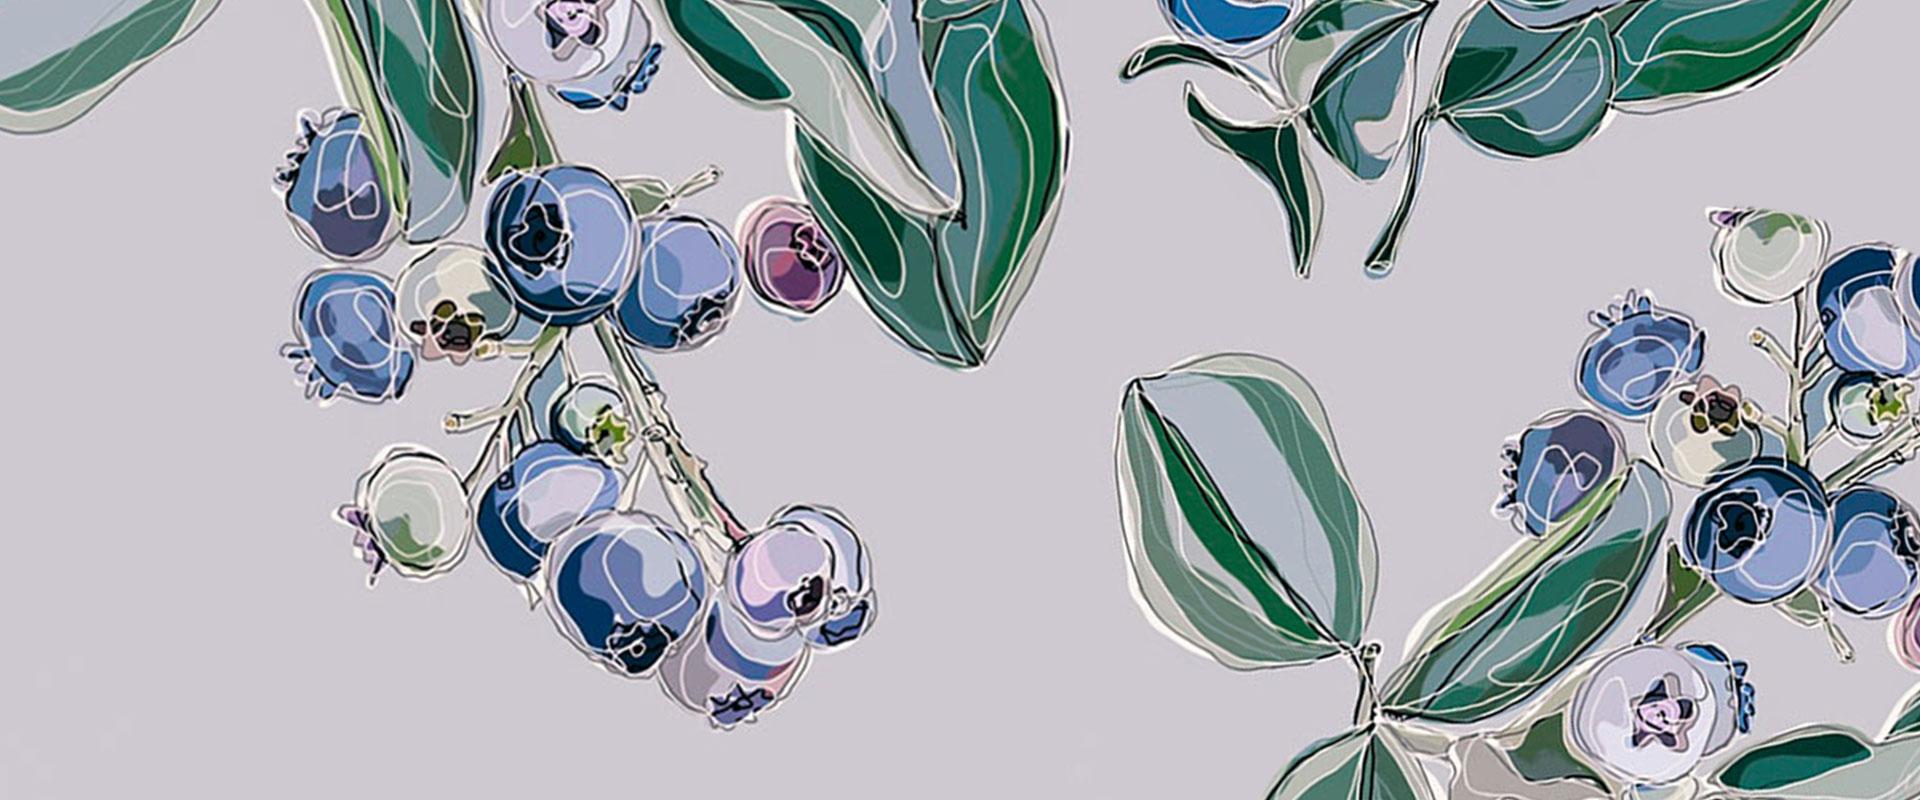 JR_Web_DigitaleIllustrationen_header